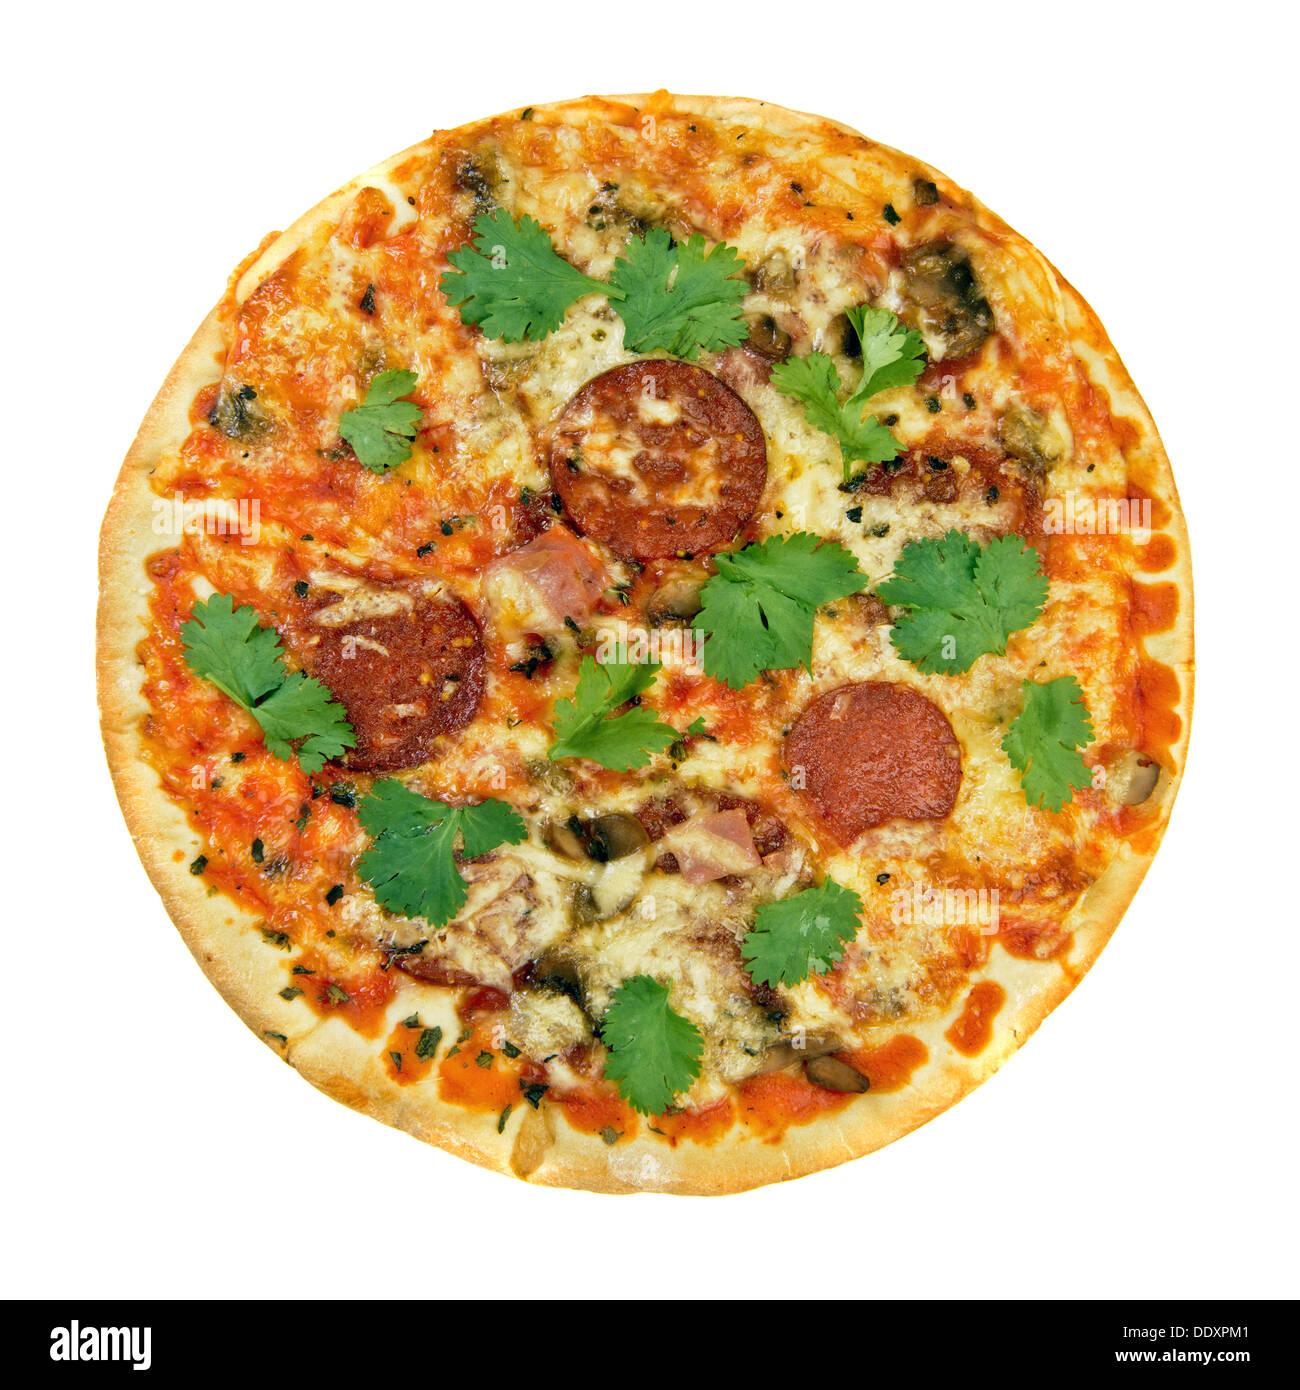 Cocina fresca pizza de pepperoni con hierbas aislado sobre blanco Imagen De Stock